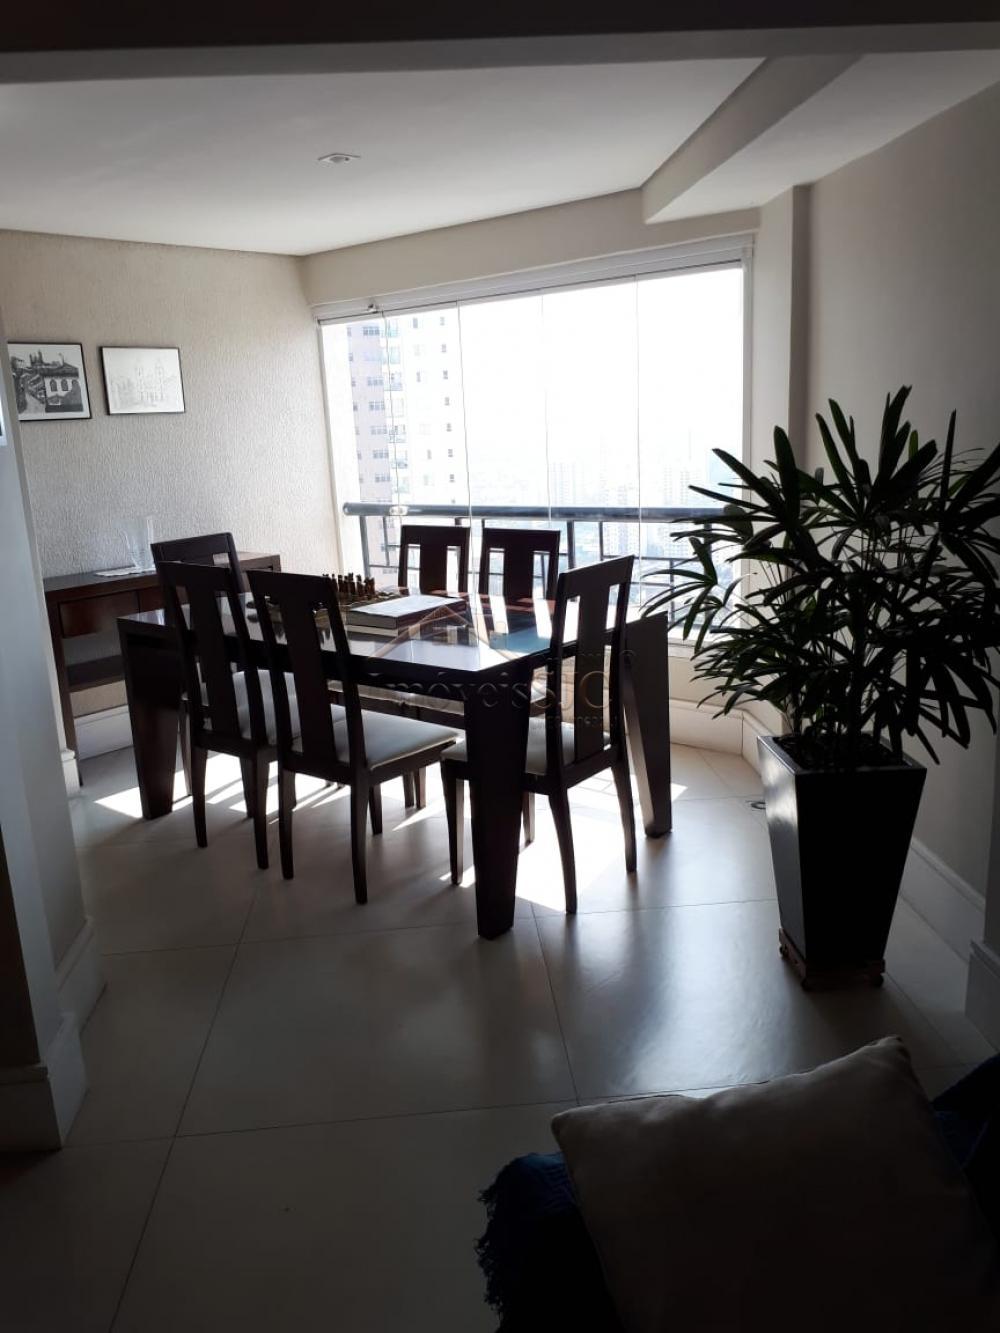 Alugar Apartamentos / Cobertura em São José dos Campos apenas R$ 3.500,00 - Foto 2